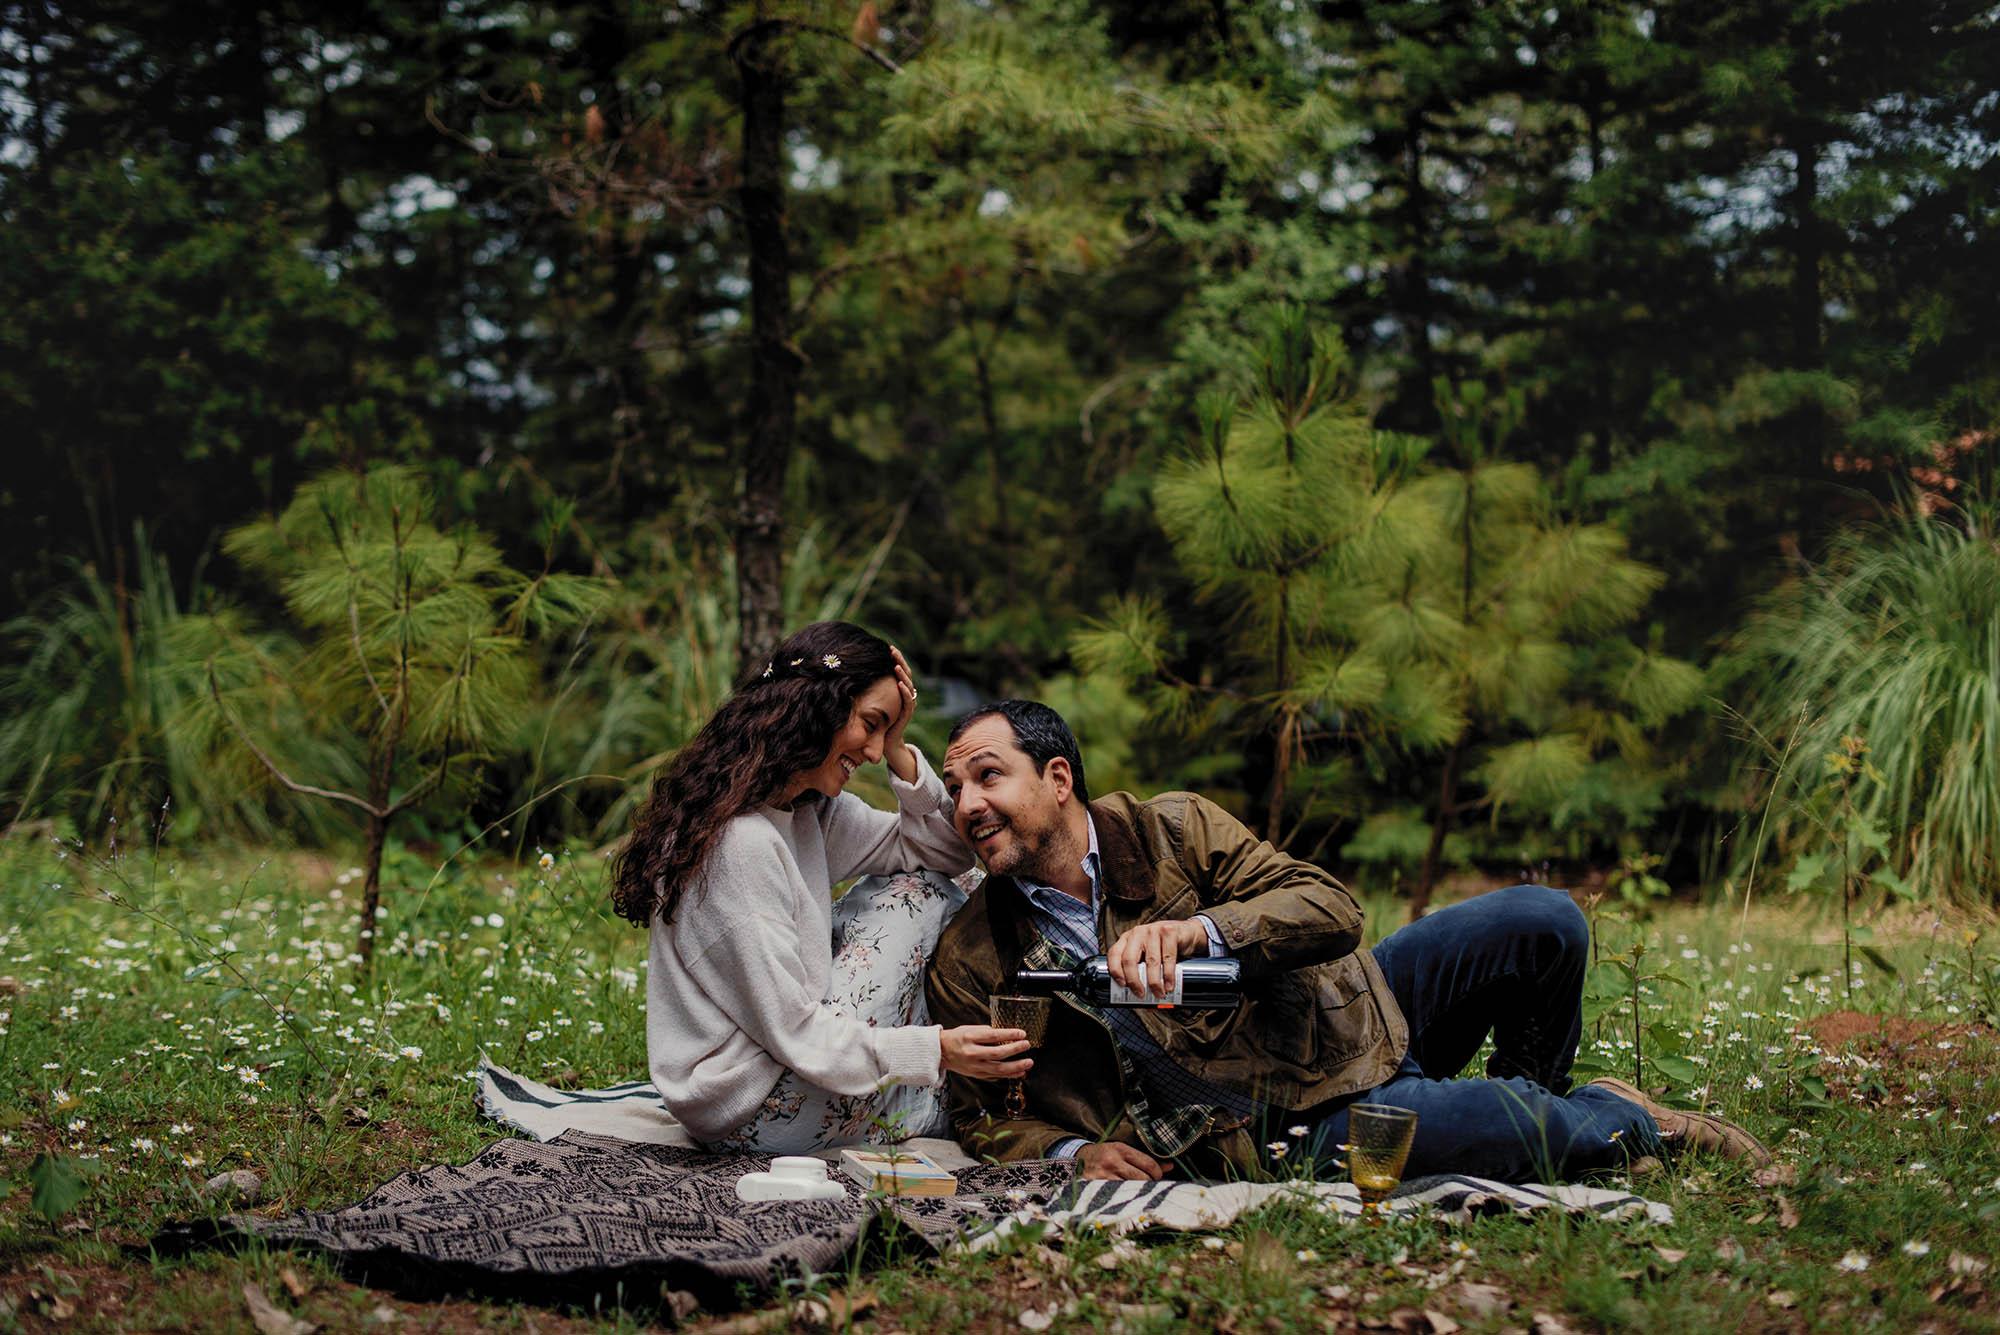 magali espinosa bosque tapalpa wedding destination photographer 26-WEB.jpg